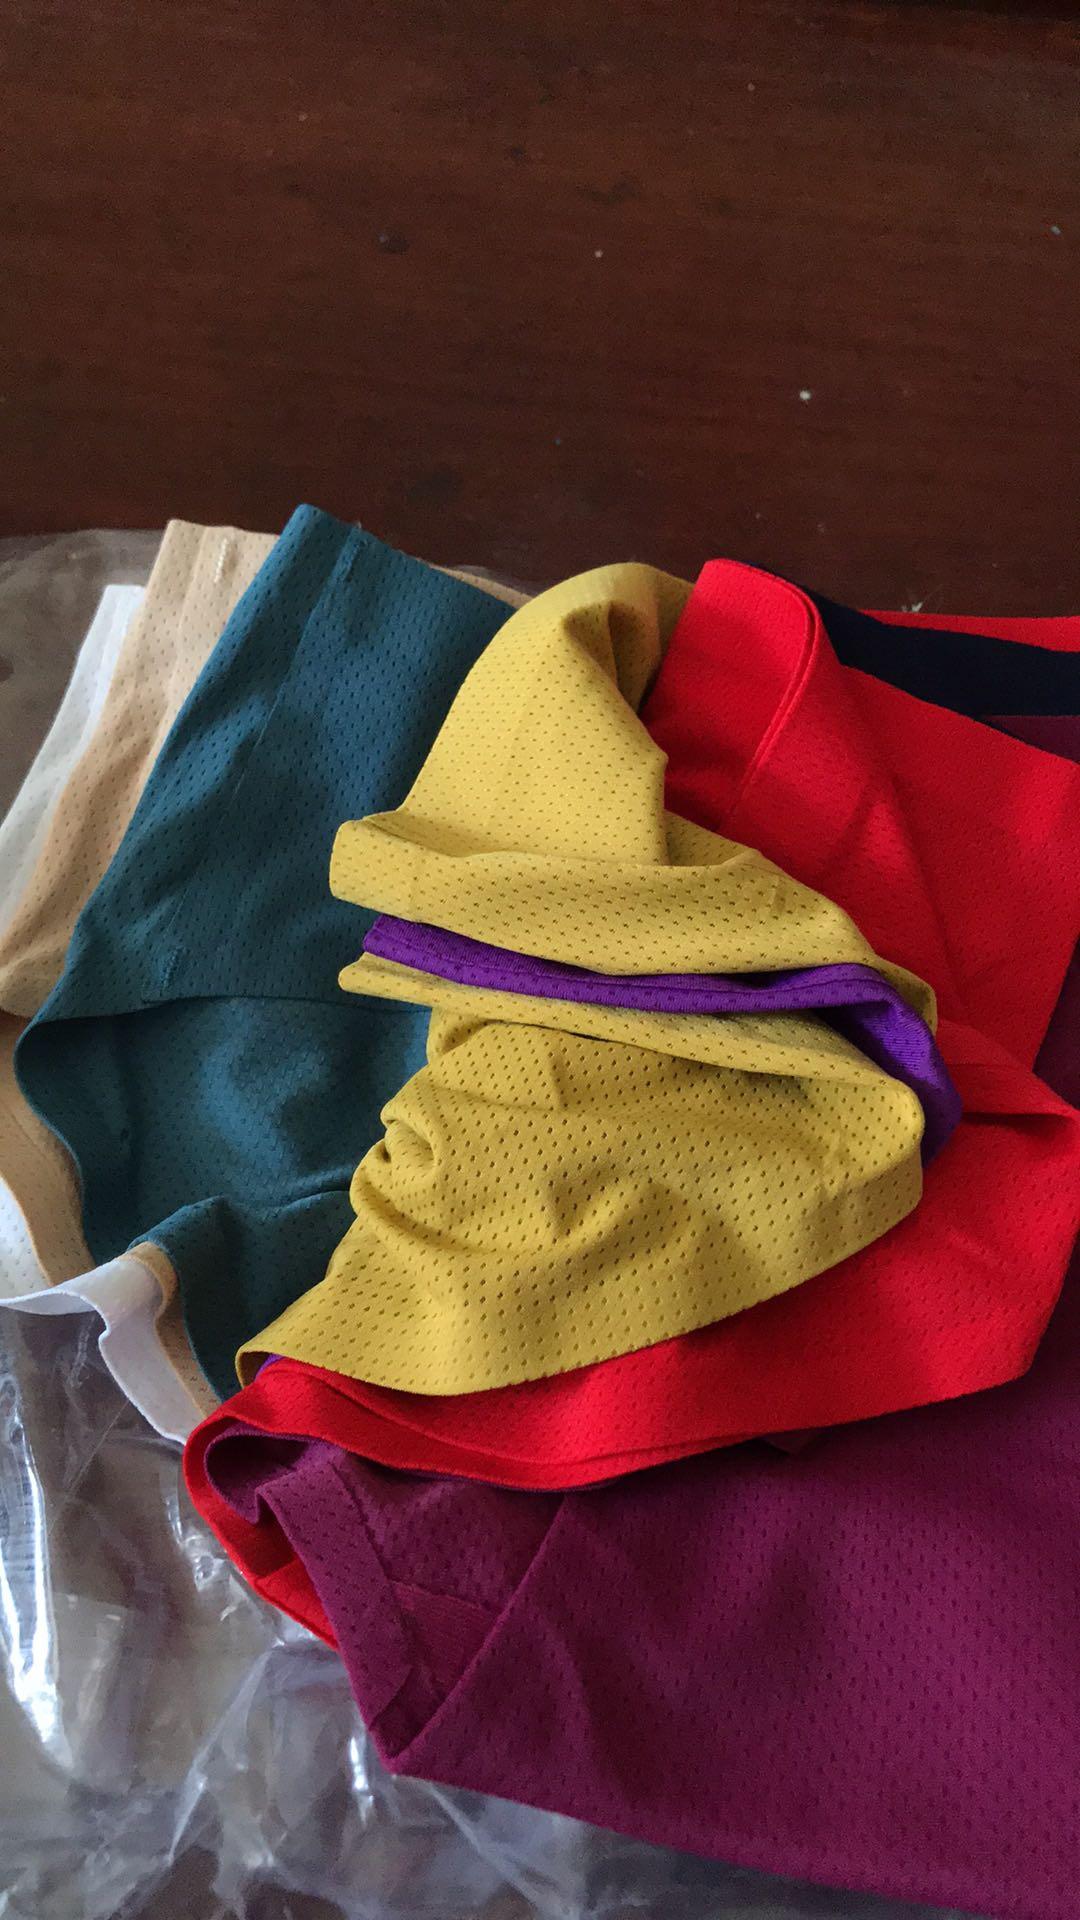 Đánh giá sản phẩm Combo 10 quần lót nữ su thông hơi cao cấp thiết kế không đường may, chất su mát lạnh, siêu co giãn, mềm mịn, thoán của a*****u